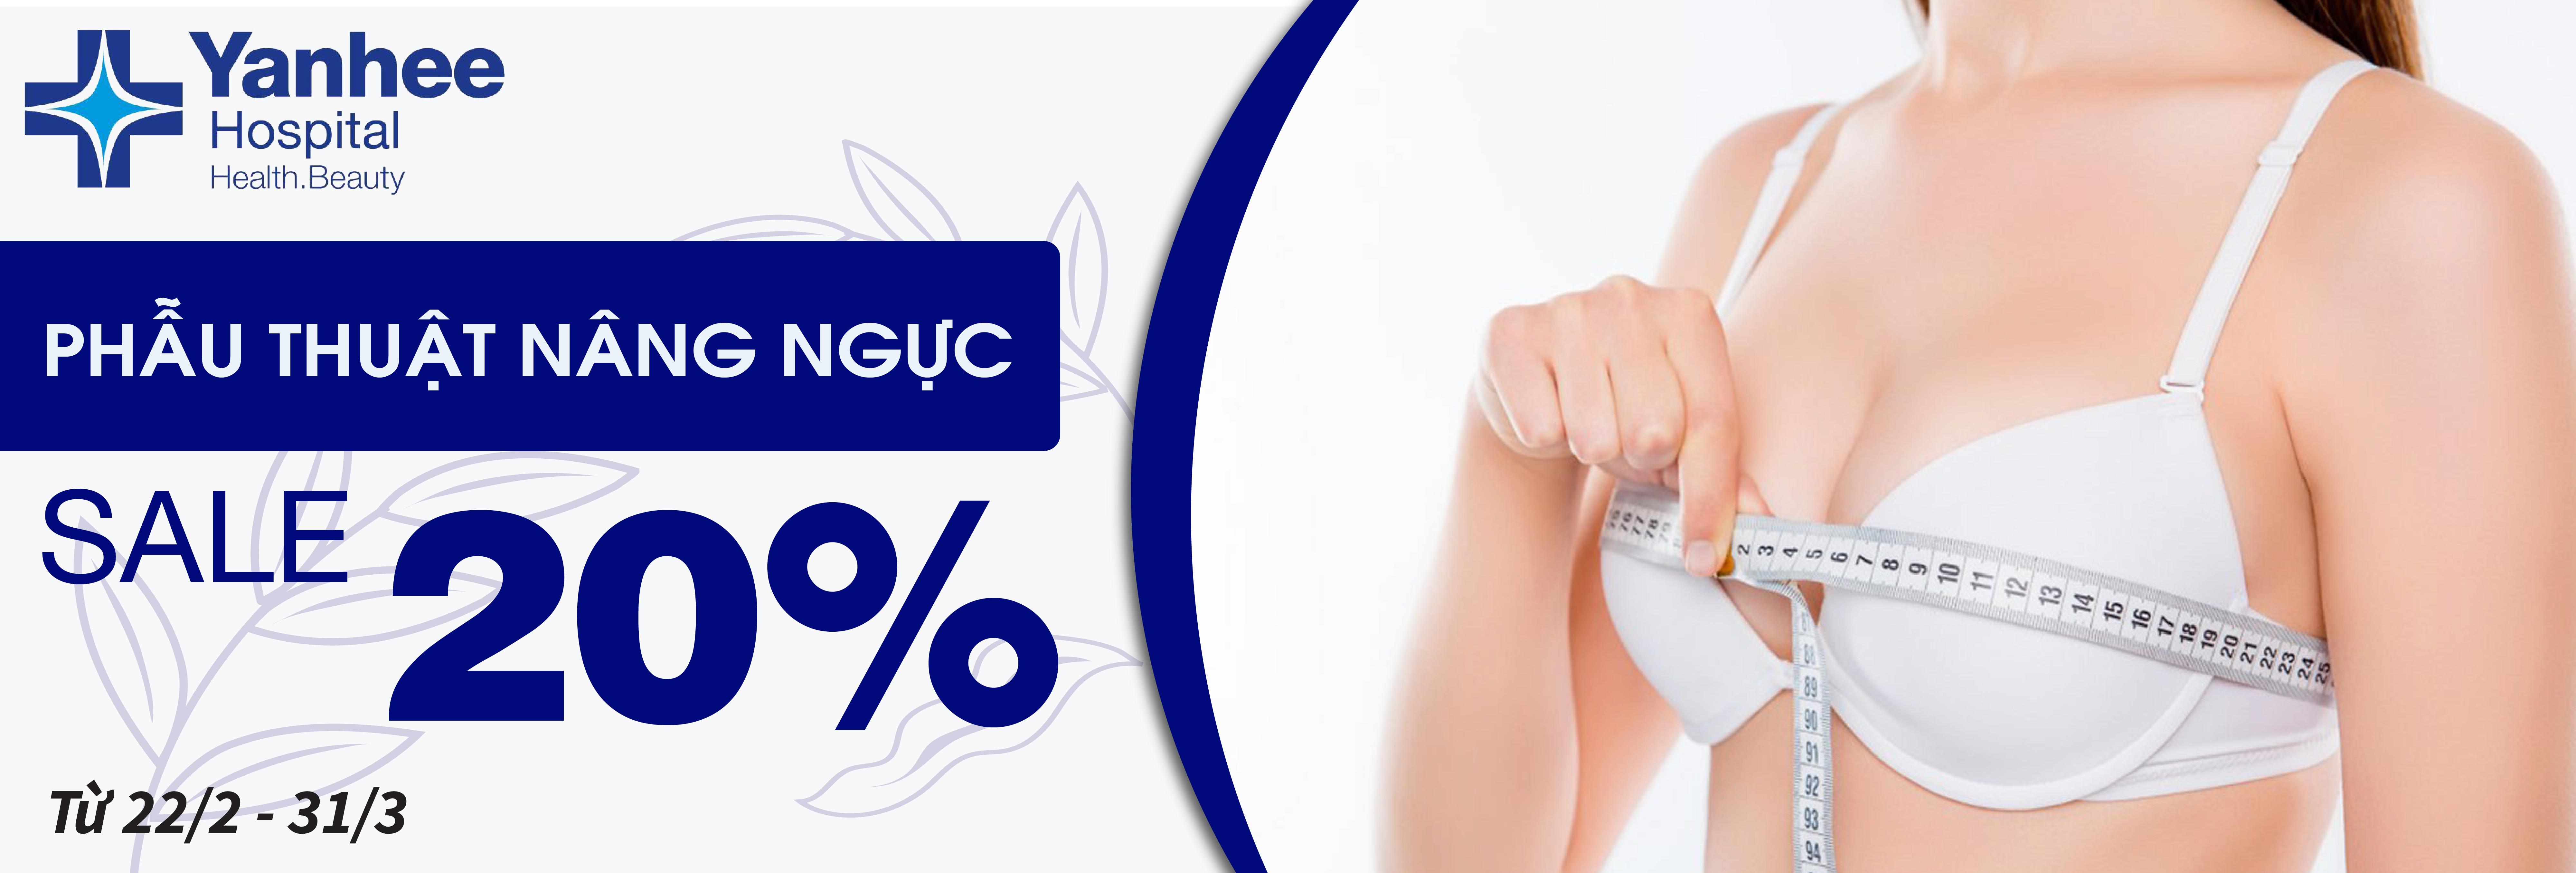 Phẫu thuật ngực Yanhee - Giảm 20% cho nâng ngực silicone nhỏ hơn 400C